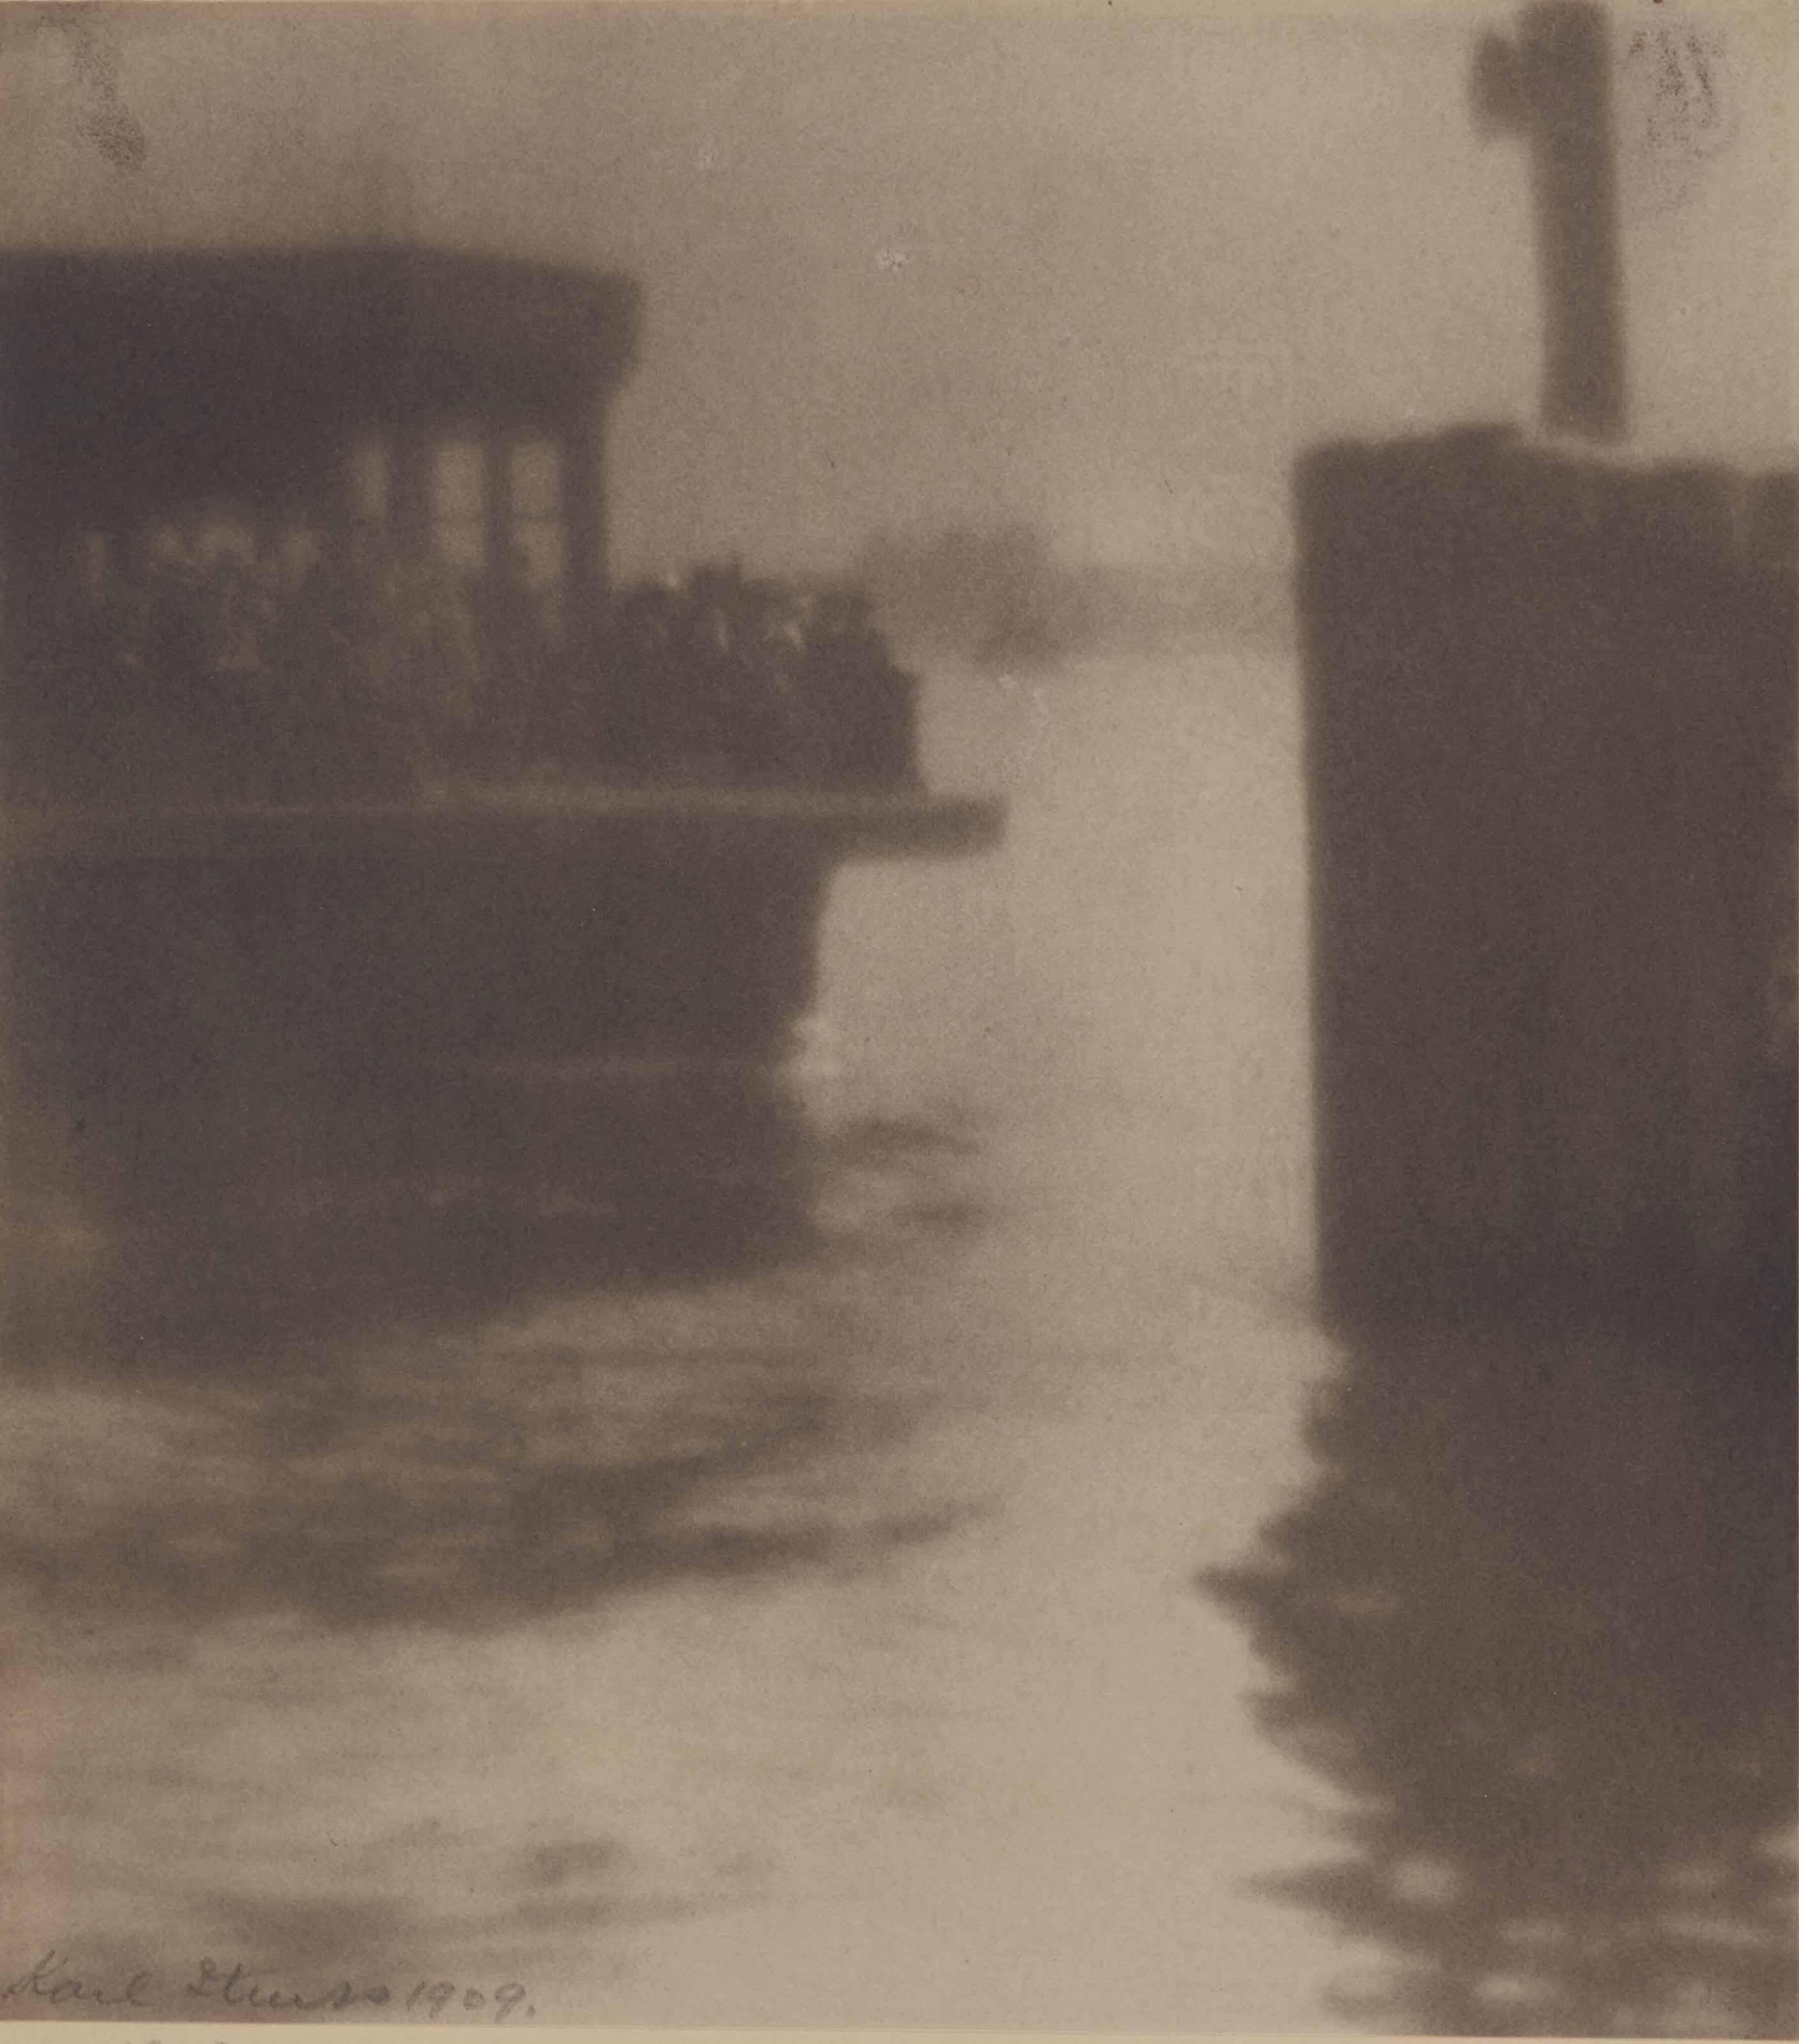 Ferryboat landing East River, New York, 1909